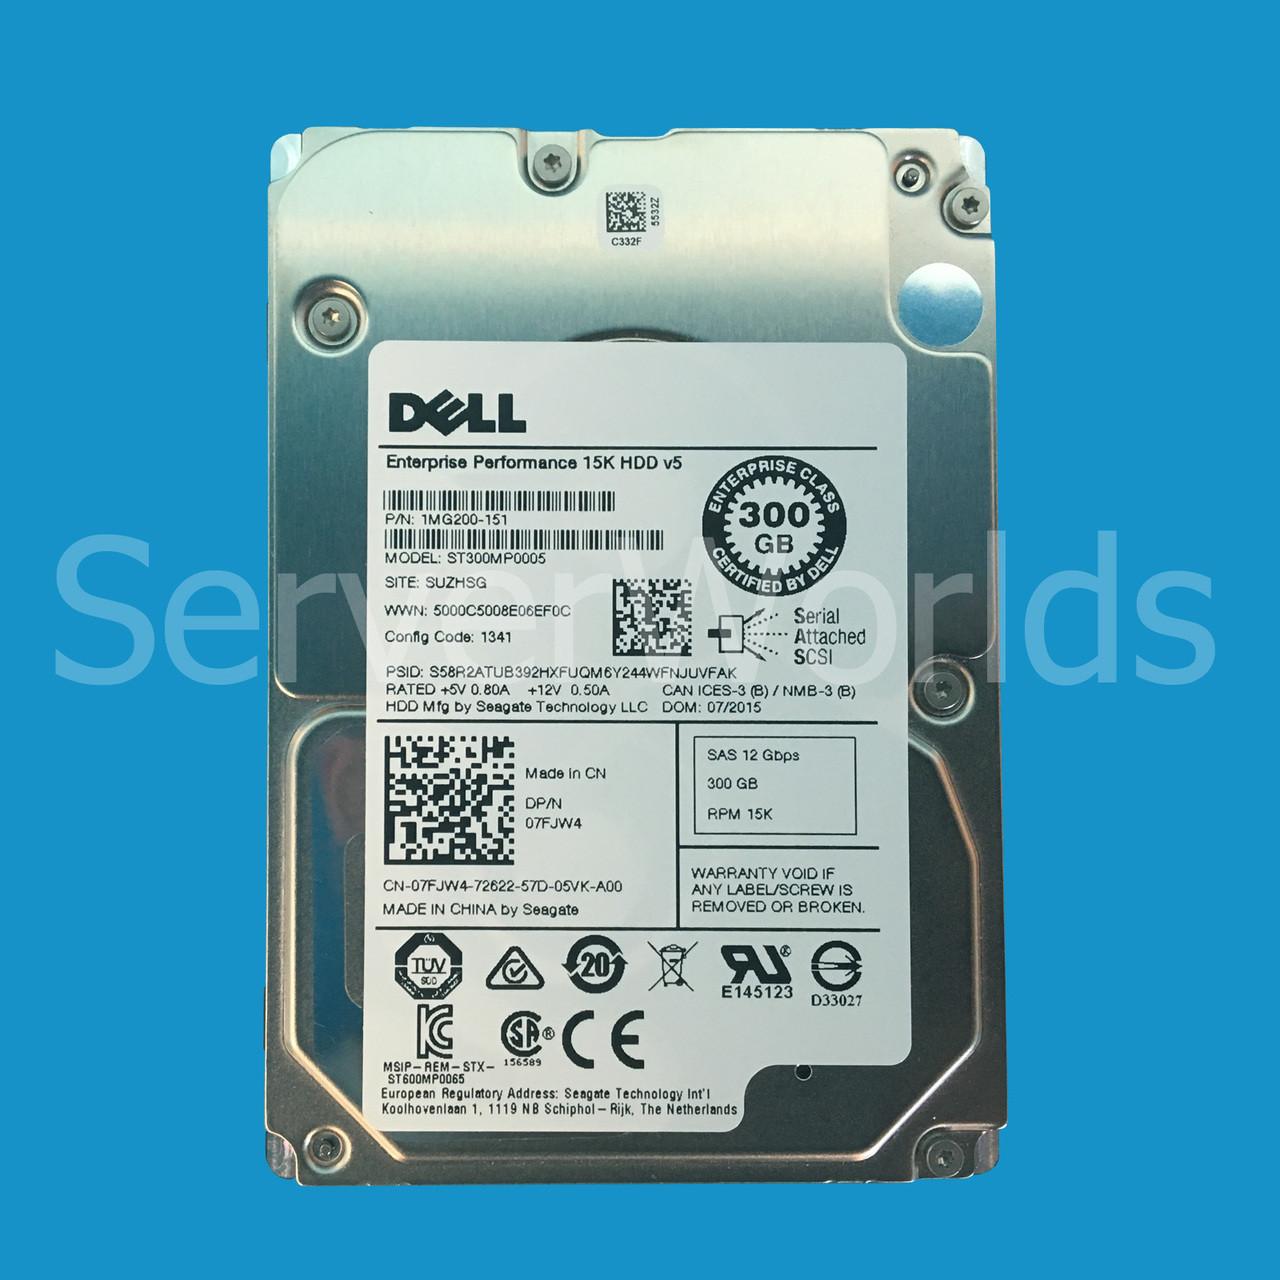 Dell 7FJW4 | 1MG200-151 | ST300MP0005 - Serverworlds